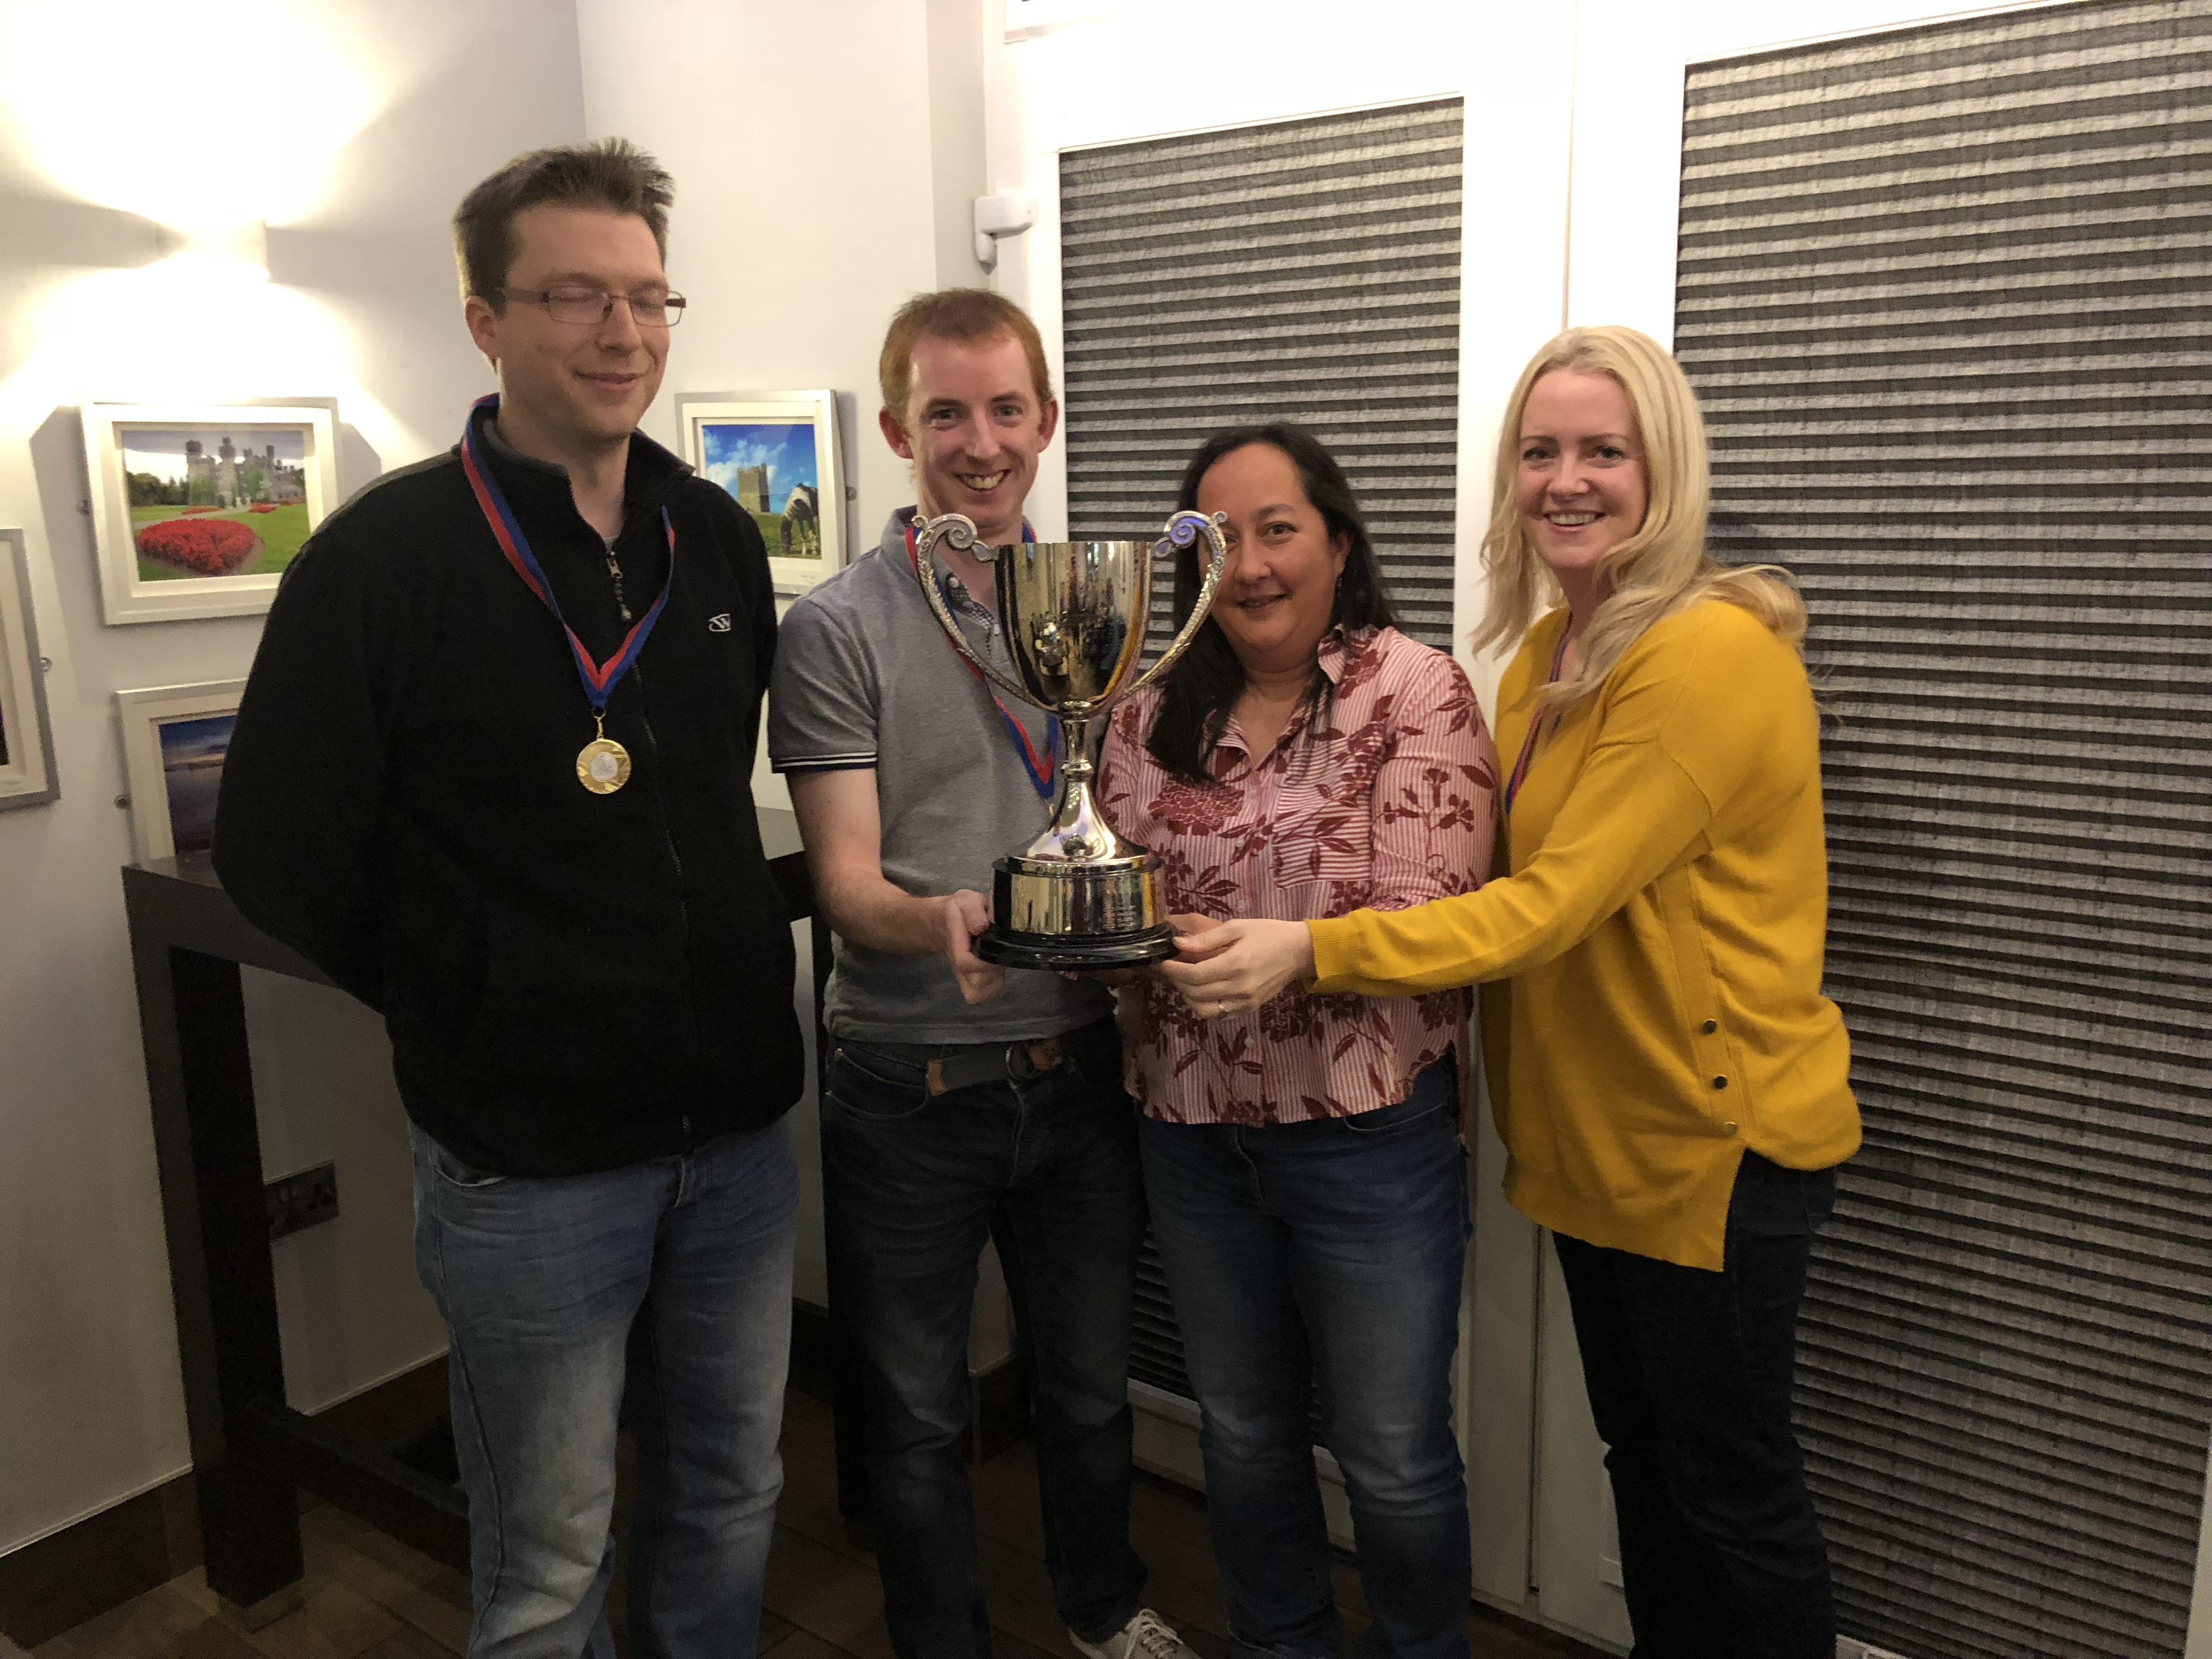 Brawlers win gold in 2018